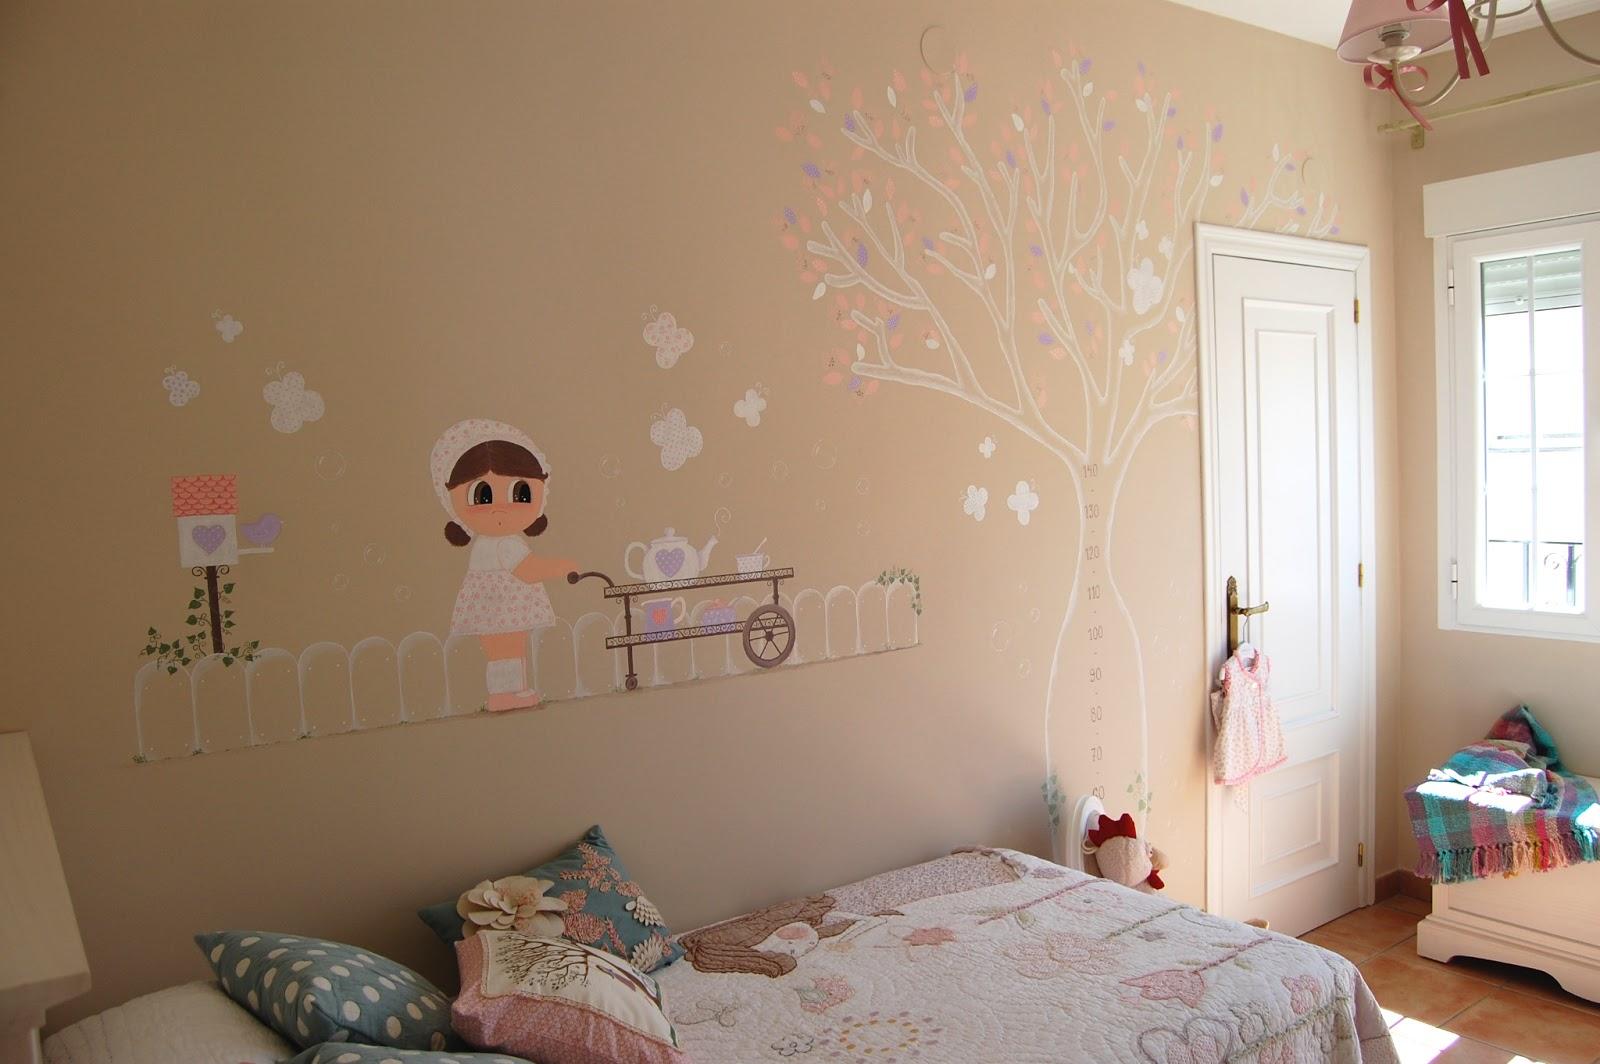 Coconic decoraci n infantil personalizada murales - Decorar paredes de gotele ...